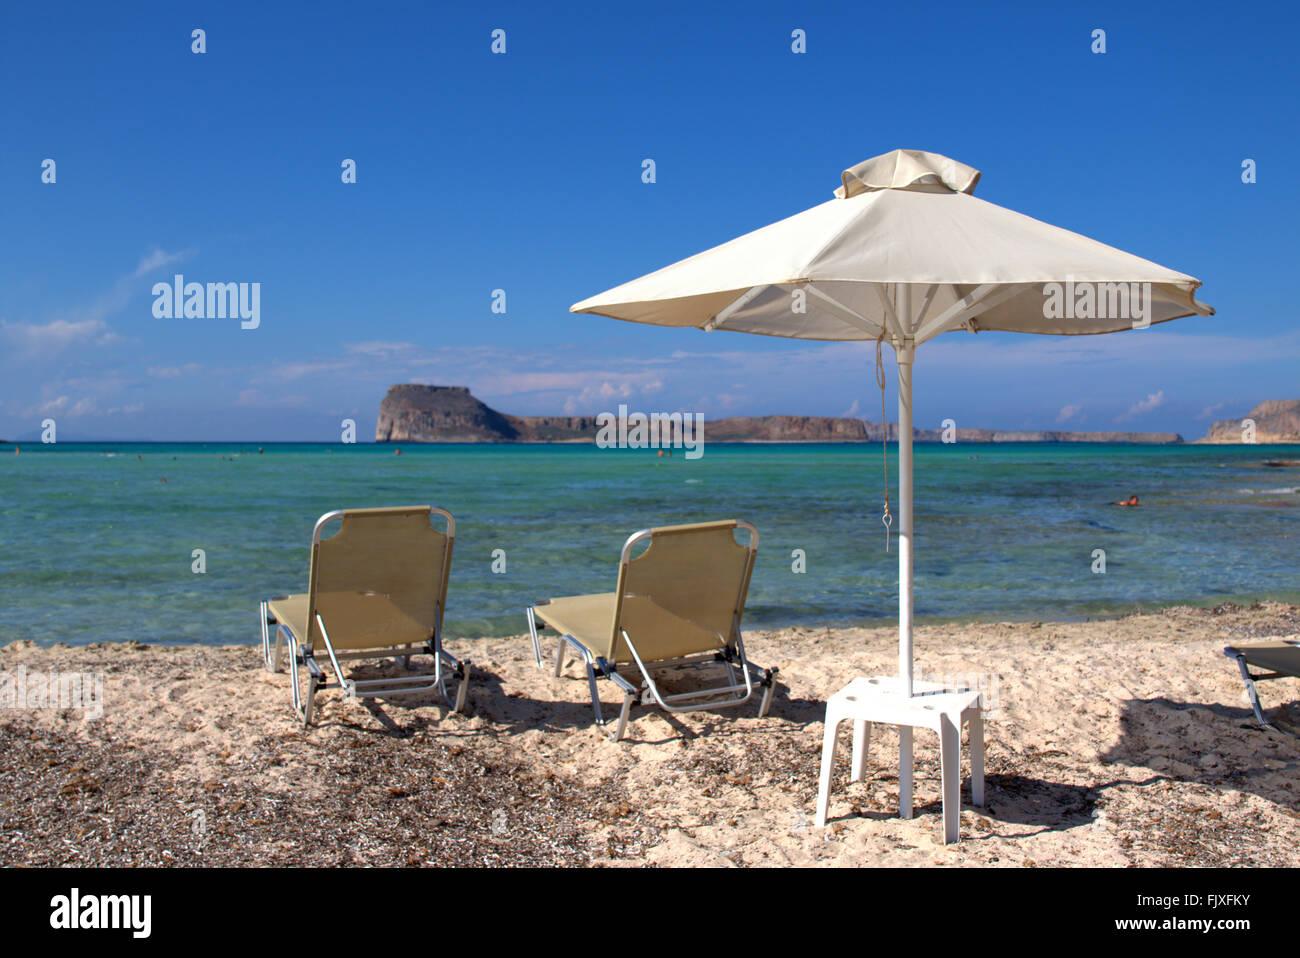 Sedie A Sdraio Per Spiaggia.Servizio Spiaggia Con Ombrelloni E Sedie A Sdraio Sulla Riva Del